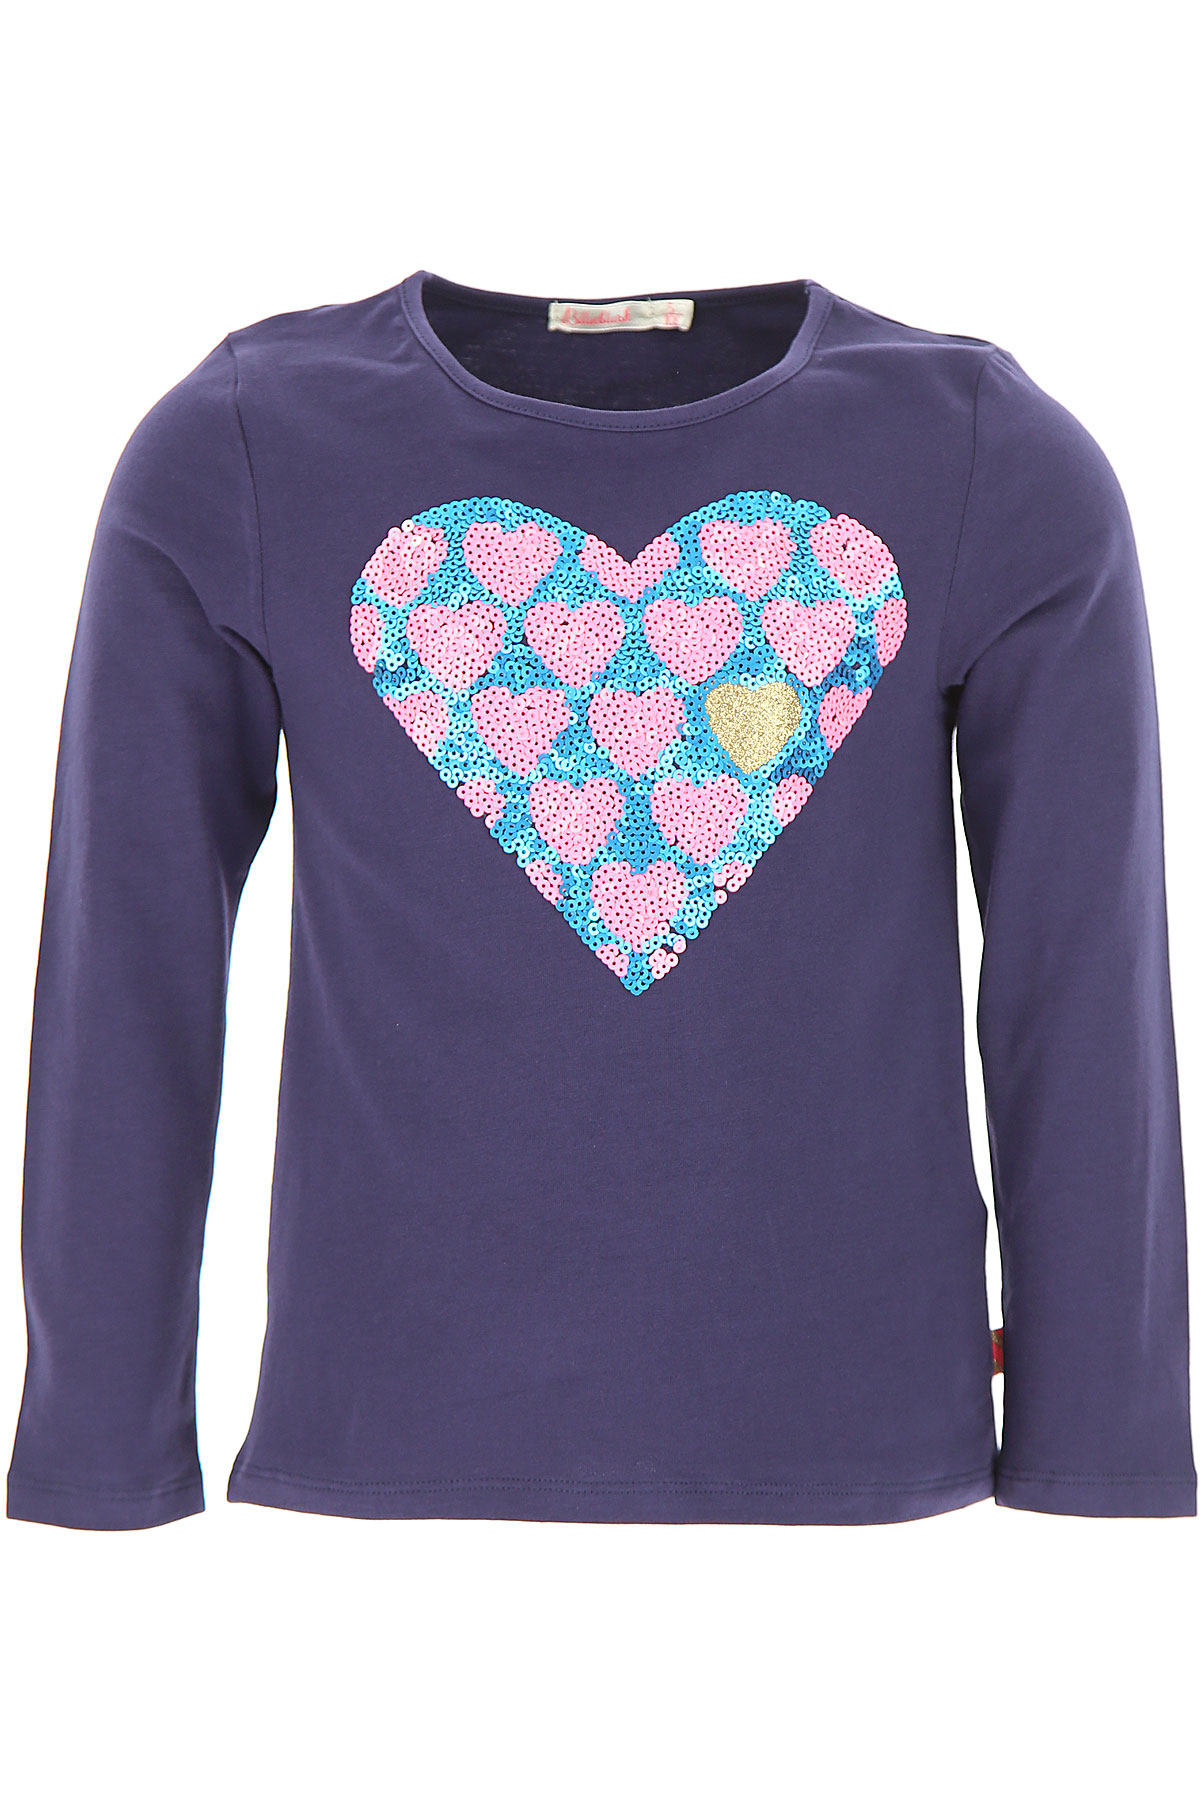 Image of Billieblush Kids T-Shirt for Girls, Blue, Cotton, 2017, 3Y 4Y 5Y 6Y 8Y